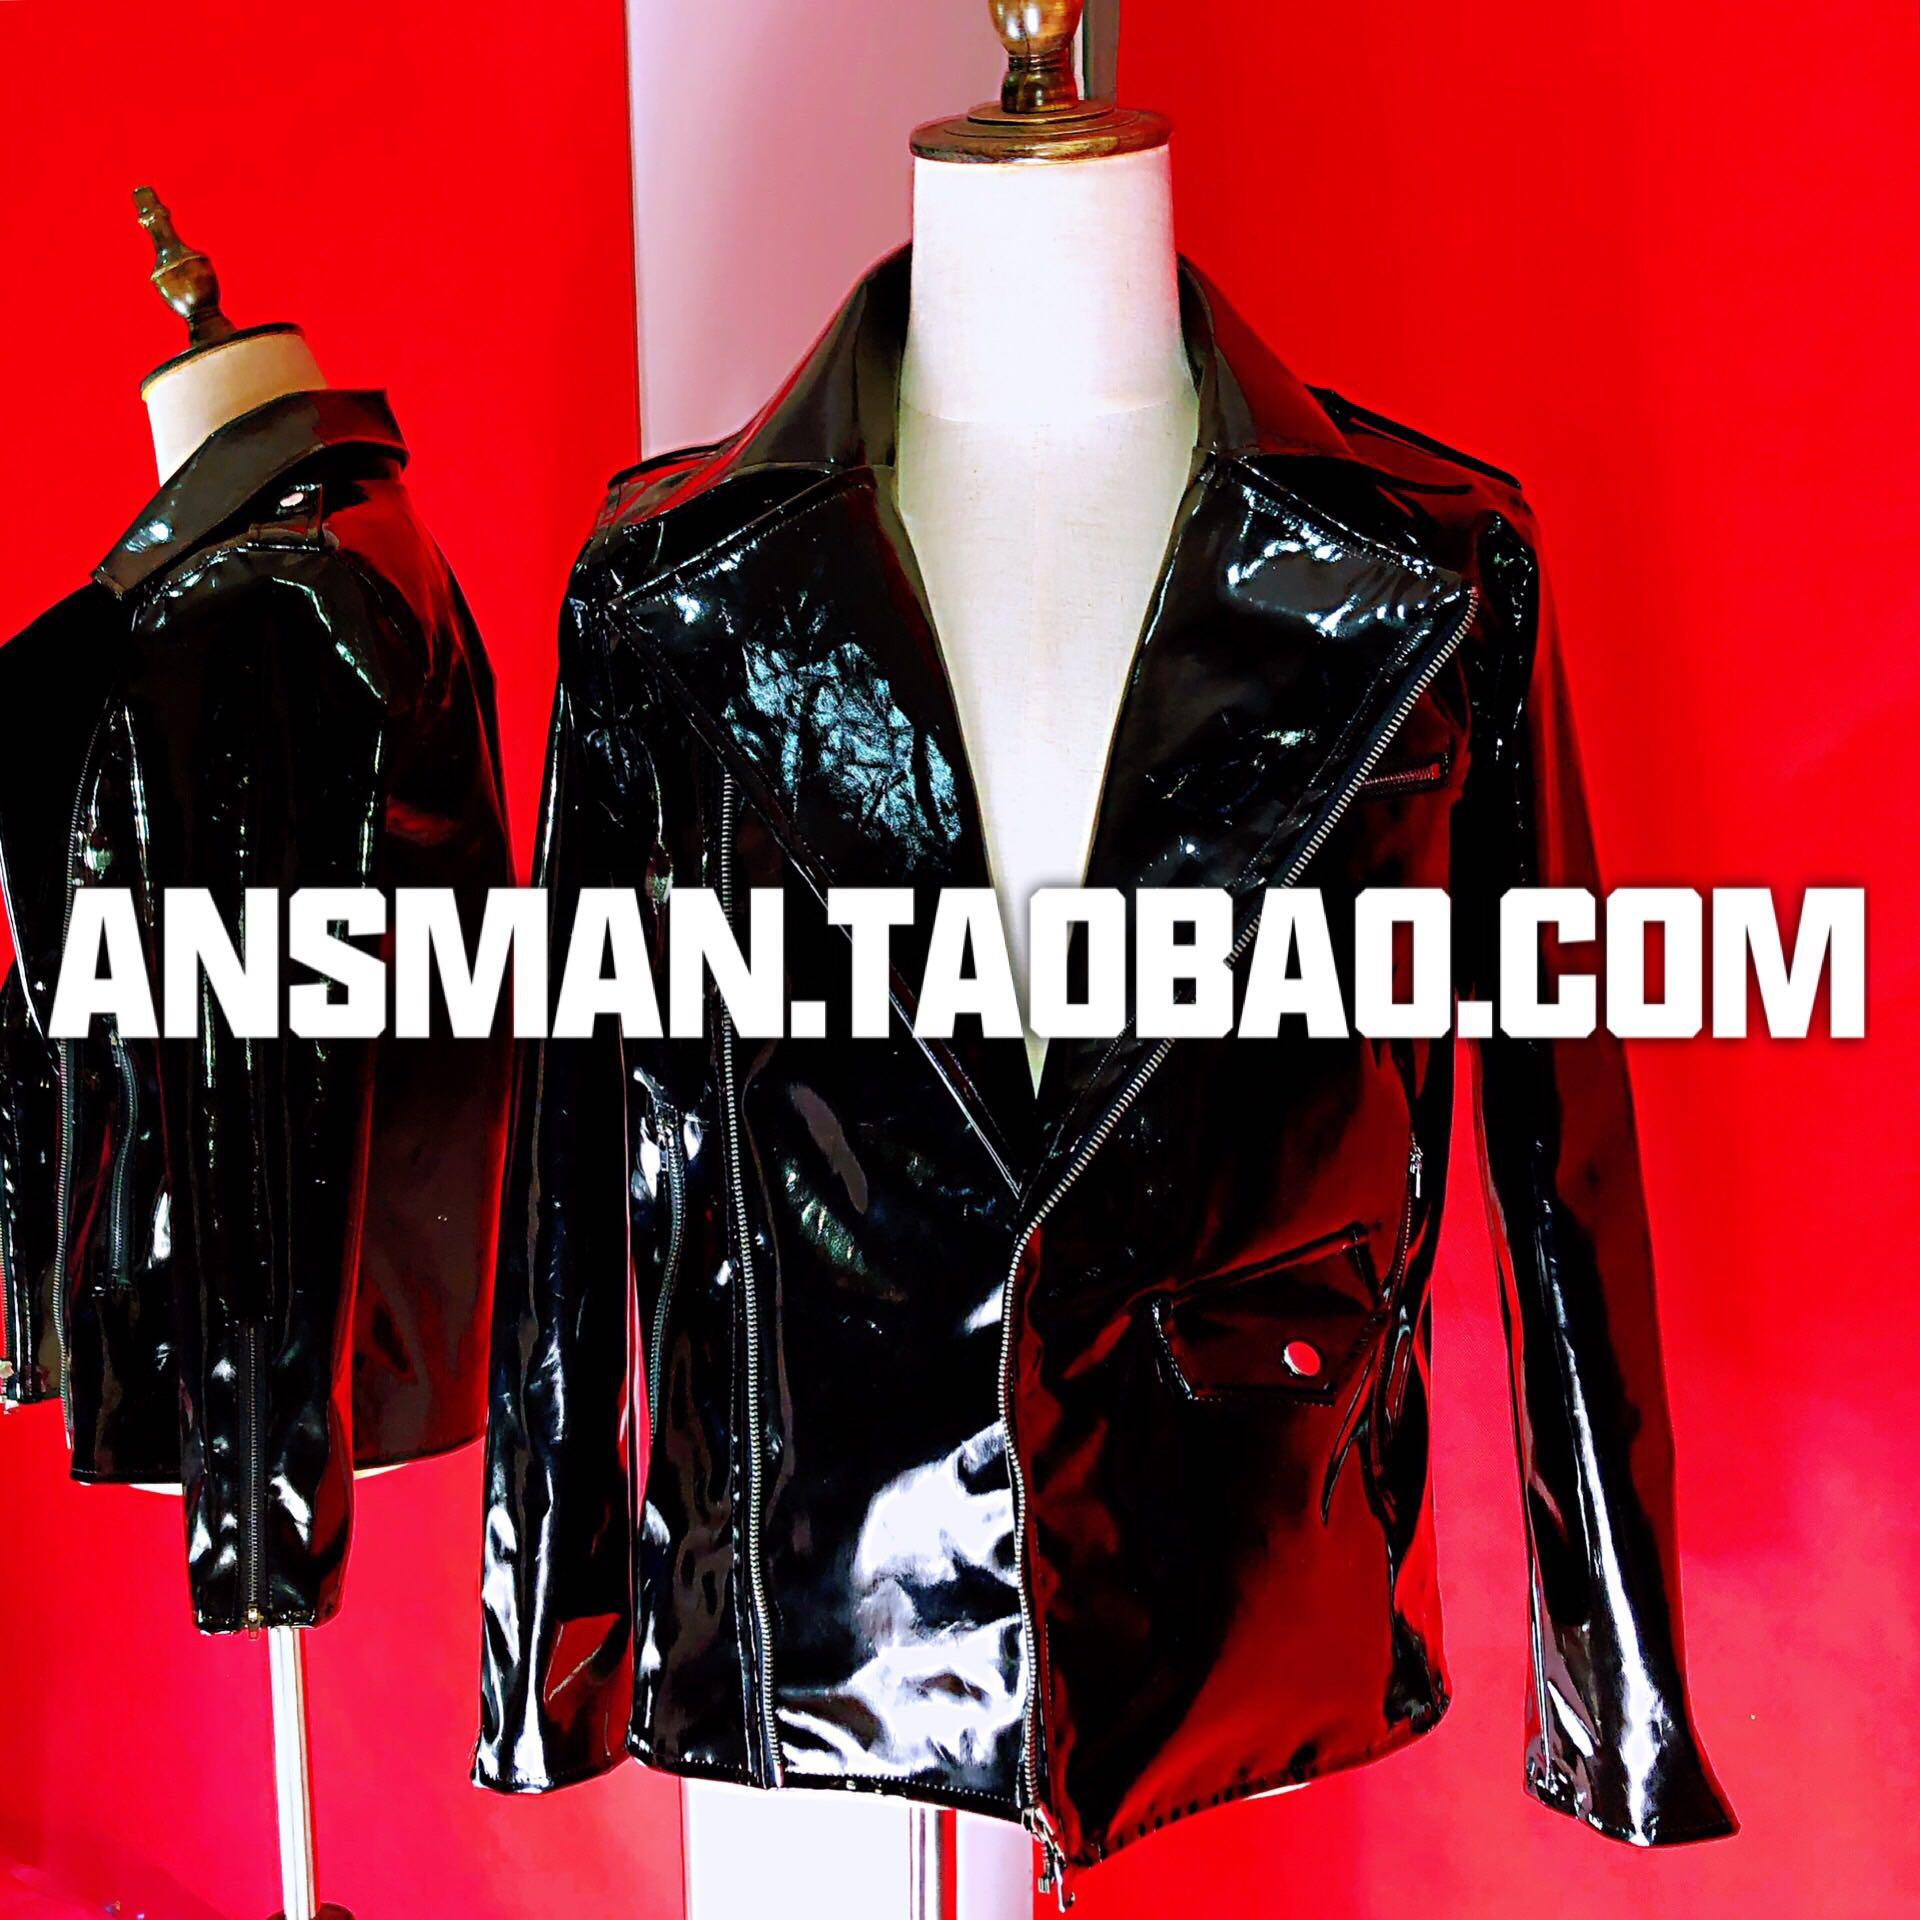 Popular club nocturno nuevo Bar hombres cantante chaqueta de cuero Ds hombres moda brillante charol abrigo motocicleta masculino Punk chaquetas traje